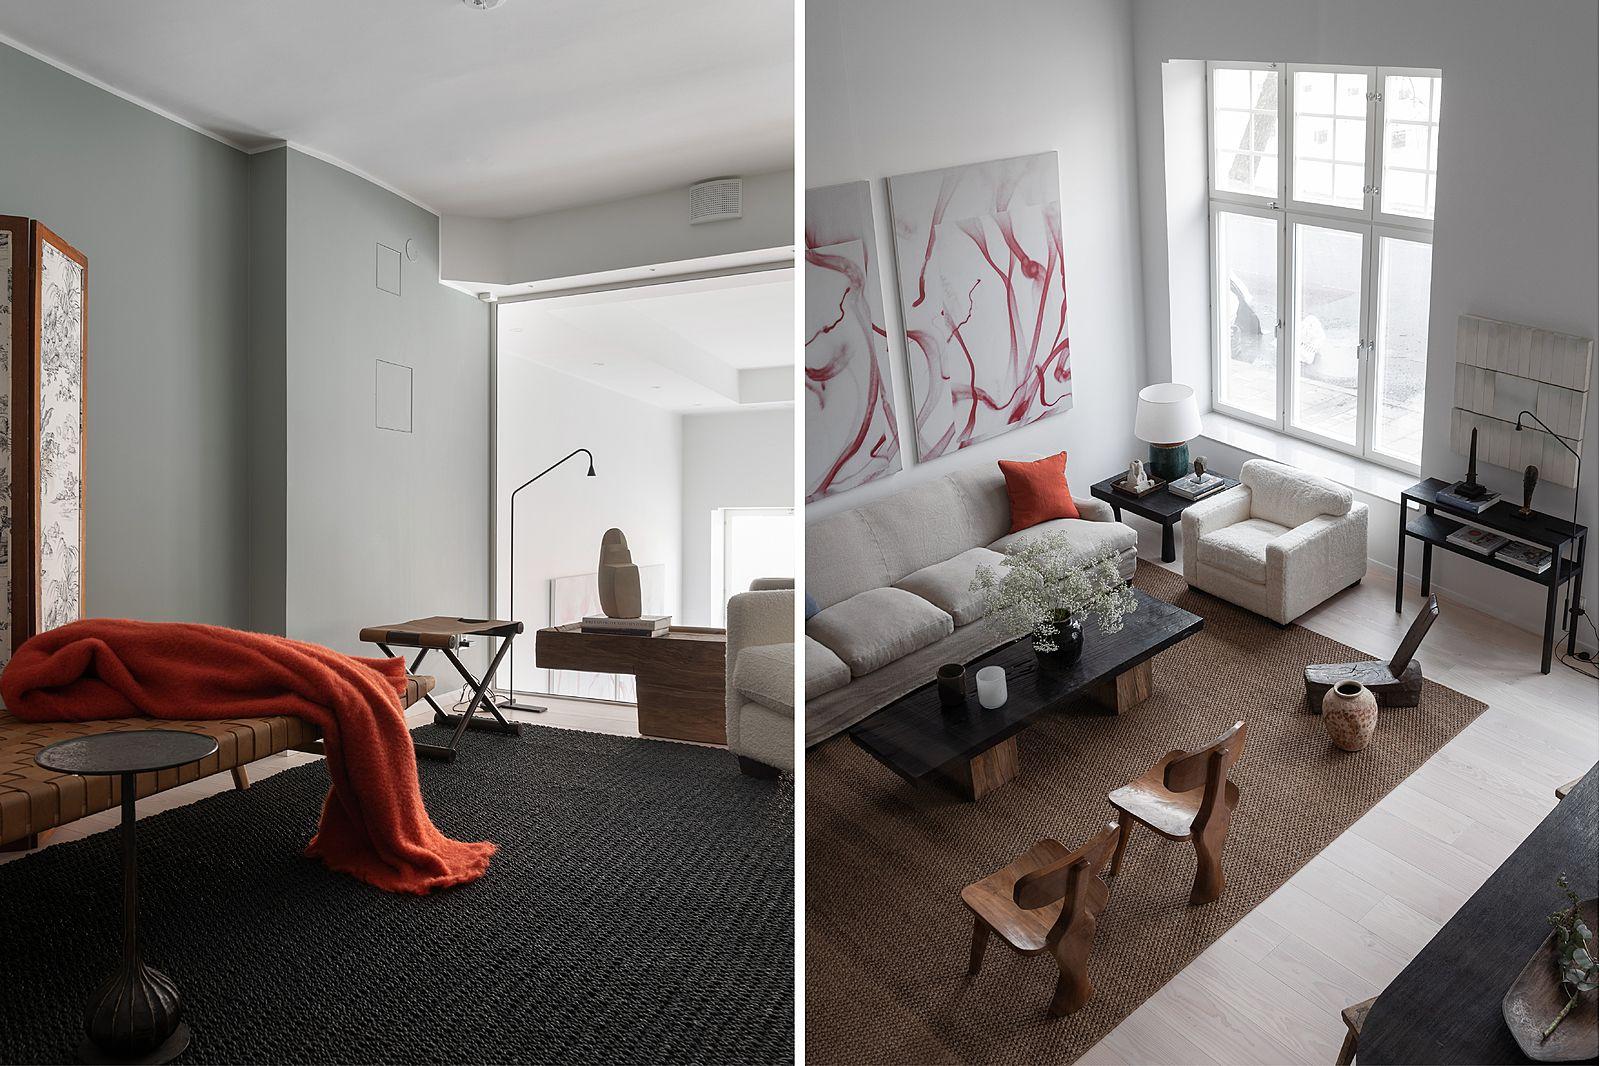 34 kvadrat inredningsblogg – Metro Mode i 2020 | Idéer för